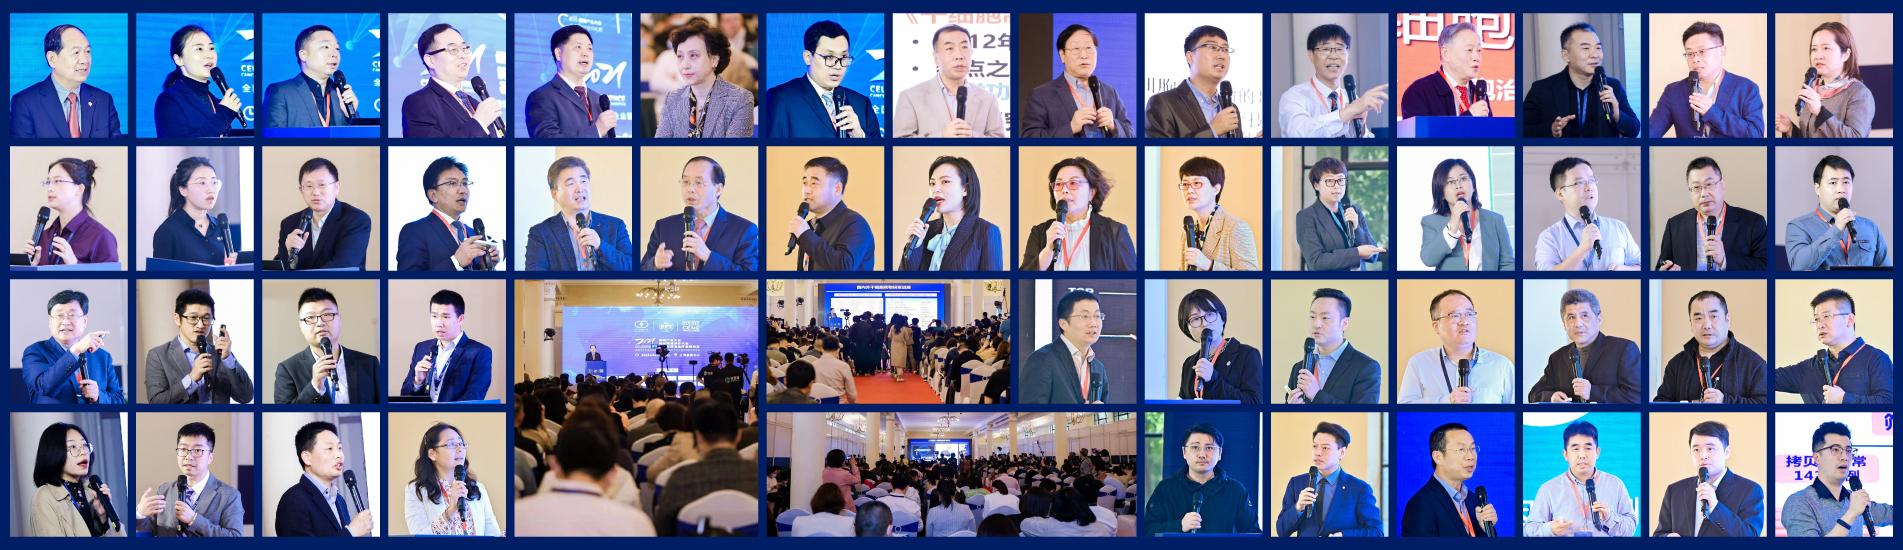 2021细胞产业大会 2021第七届(深圳)细胞与肿瘤精准医疗高峰论坛